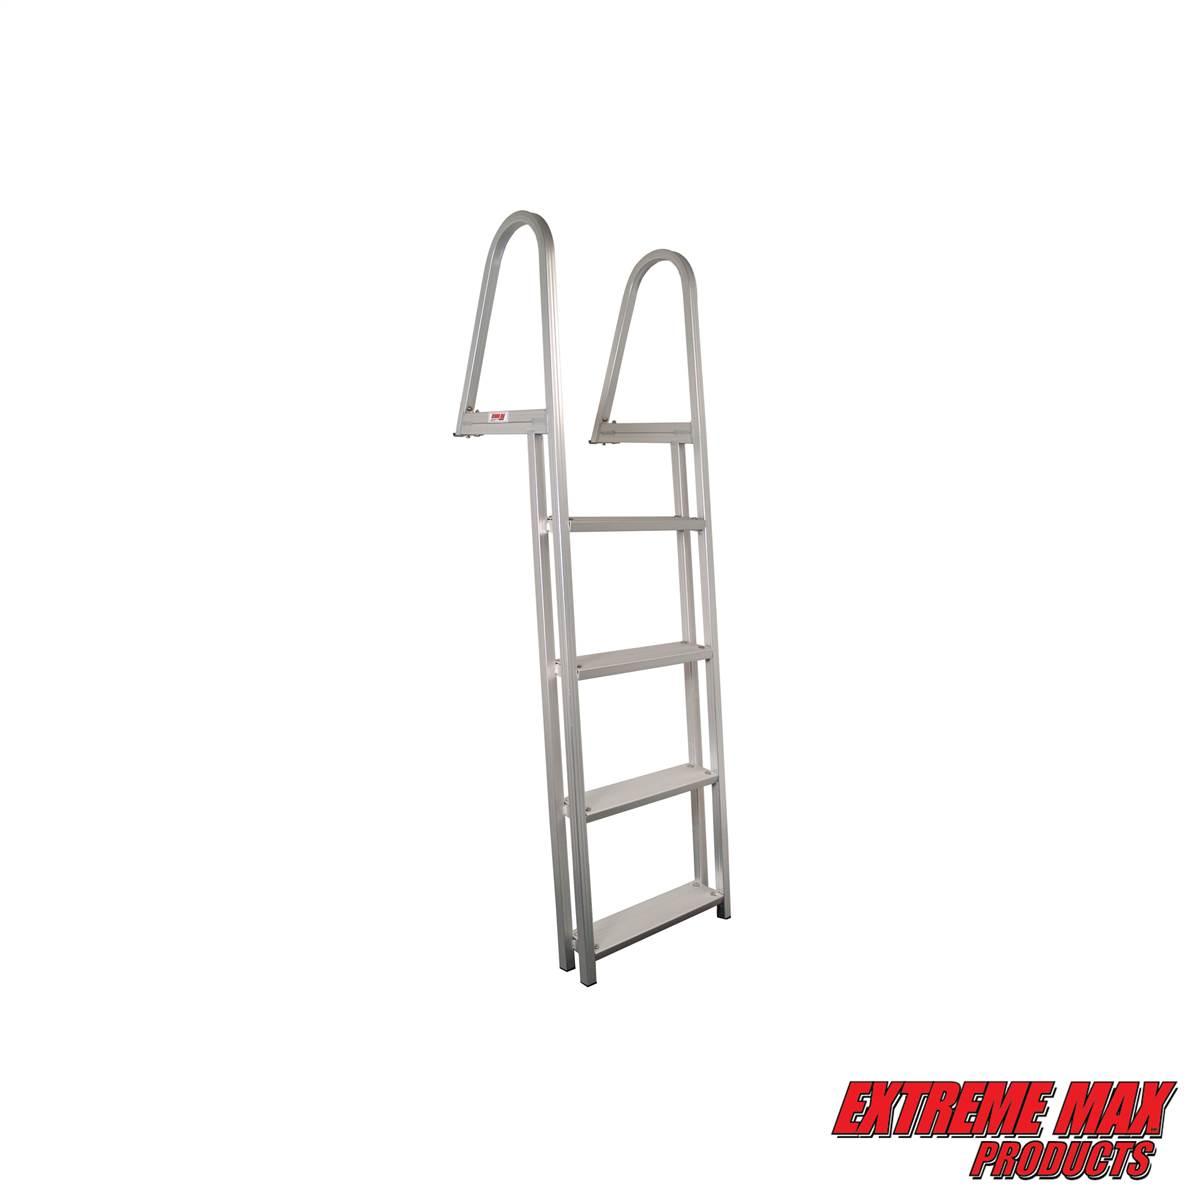 Extreme Max Boarding Ladder Ladder Dock Ladder Pontoon